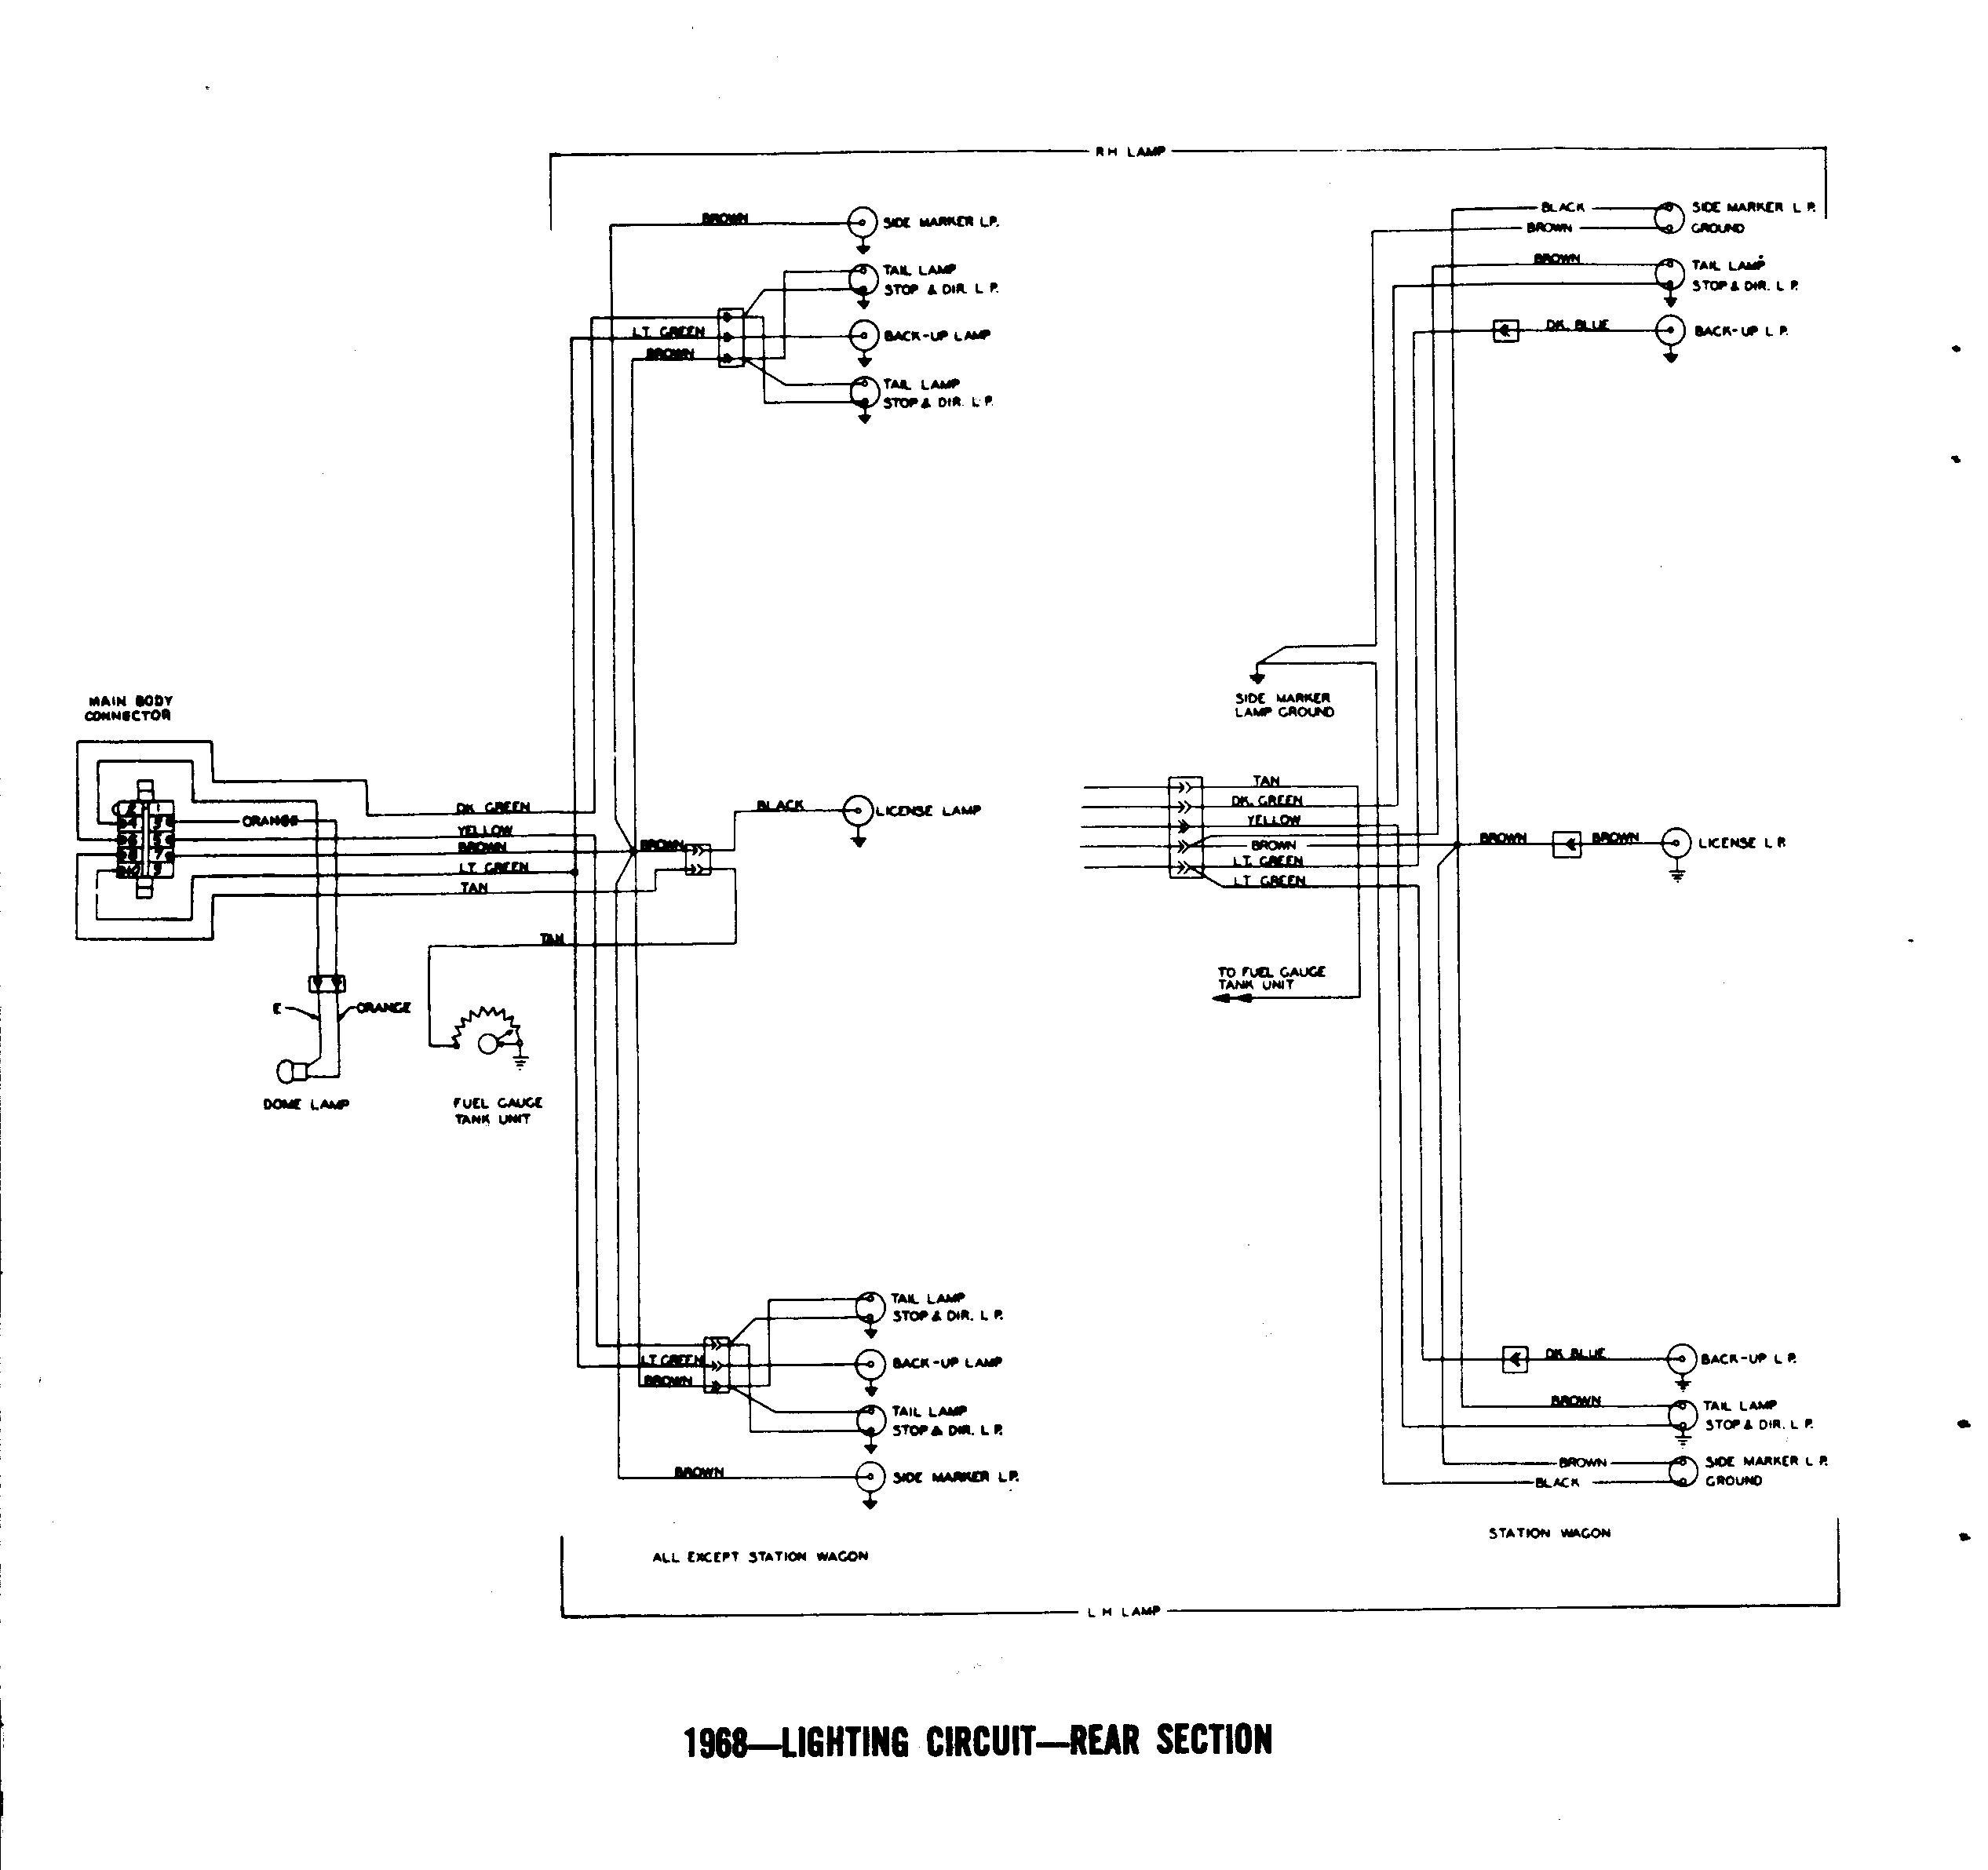 1969 camaro engine wiring diagram 1969 image wiring diagram 69 gto wiring image wiring diagram on 1969 camaro engine wiring diagram